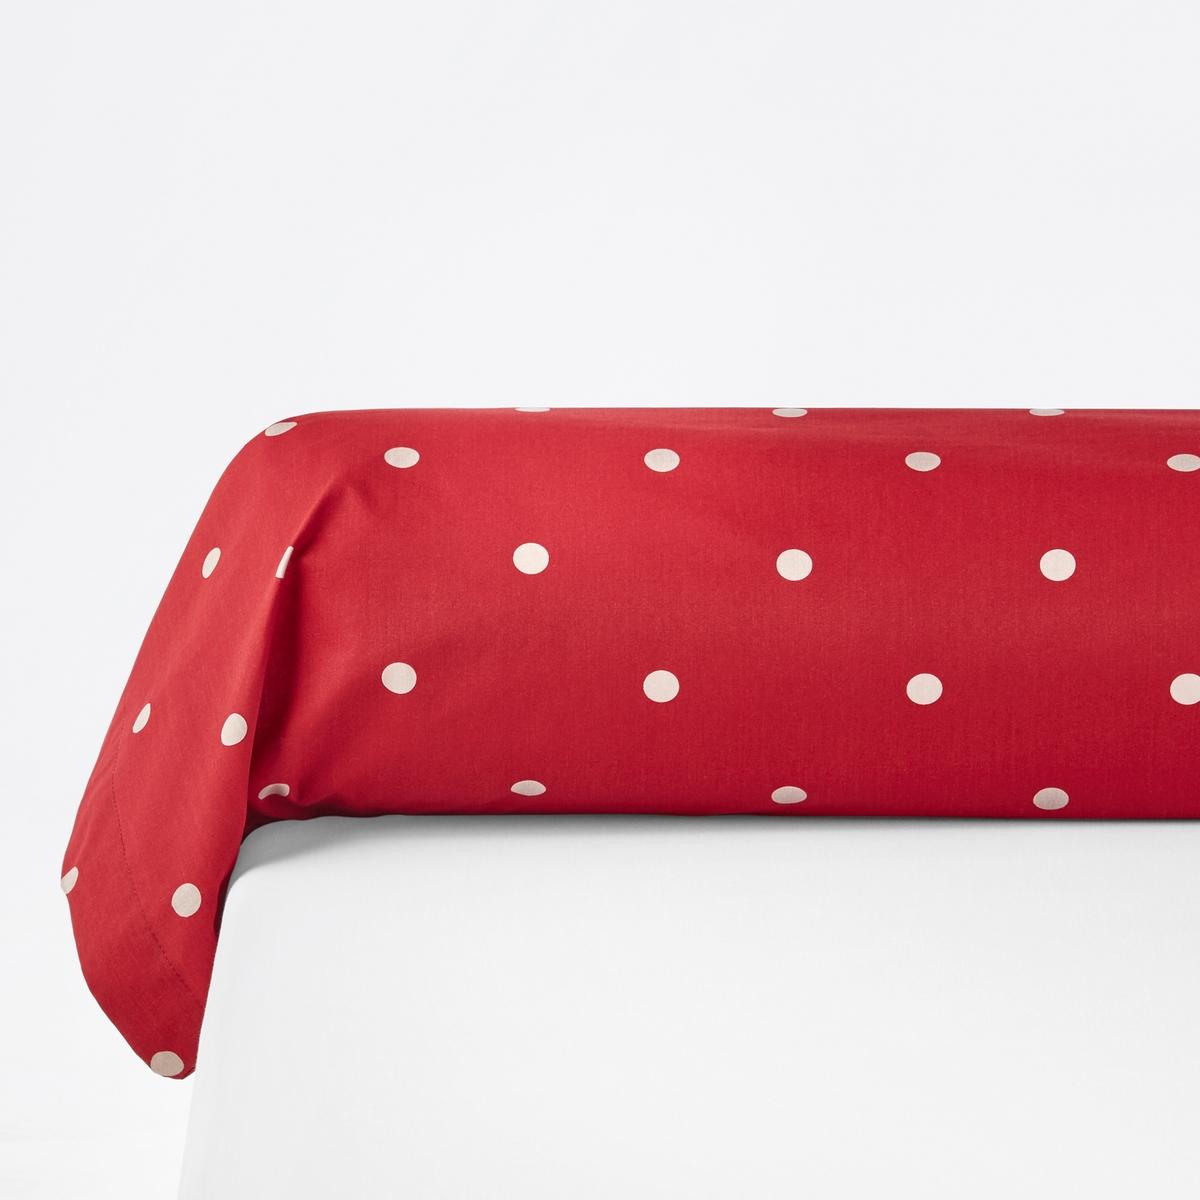 Наволочка на подушку-валик с принтом, EdelweissХарактеристики наволочки на подушку-валик с принтом, Edelweiss :- 100% хлопок (52 нитей/см?)  . Чем больше нитей/см?, тем качественнее материал  .Машинная стирка при 60 °С  .Знак Oeko-Tex® дает гарантию того, что изделия изготовлены без применения химических средств и не представляют опасности для здоровья человека.                                                                         Размер  85 x 185 см : прямоугольная наволочка                                                            Найдите комплект постельного белья по ключевому слову Edelweiss на сайте laredoute ru<br><br>Цвет: красный